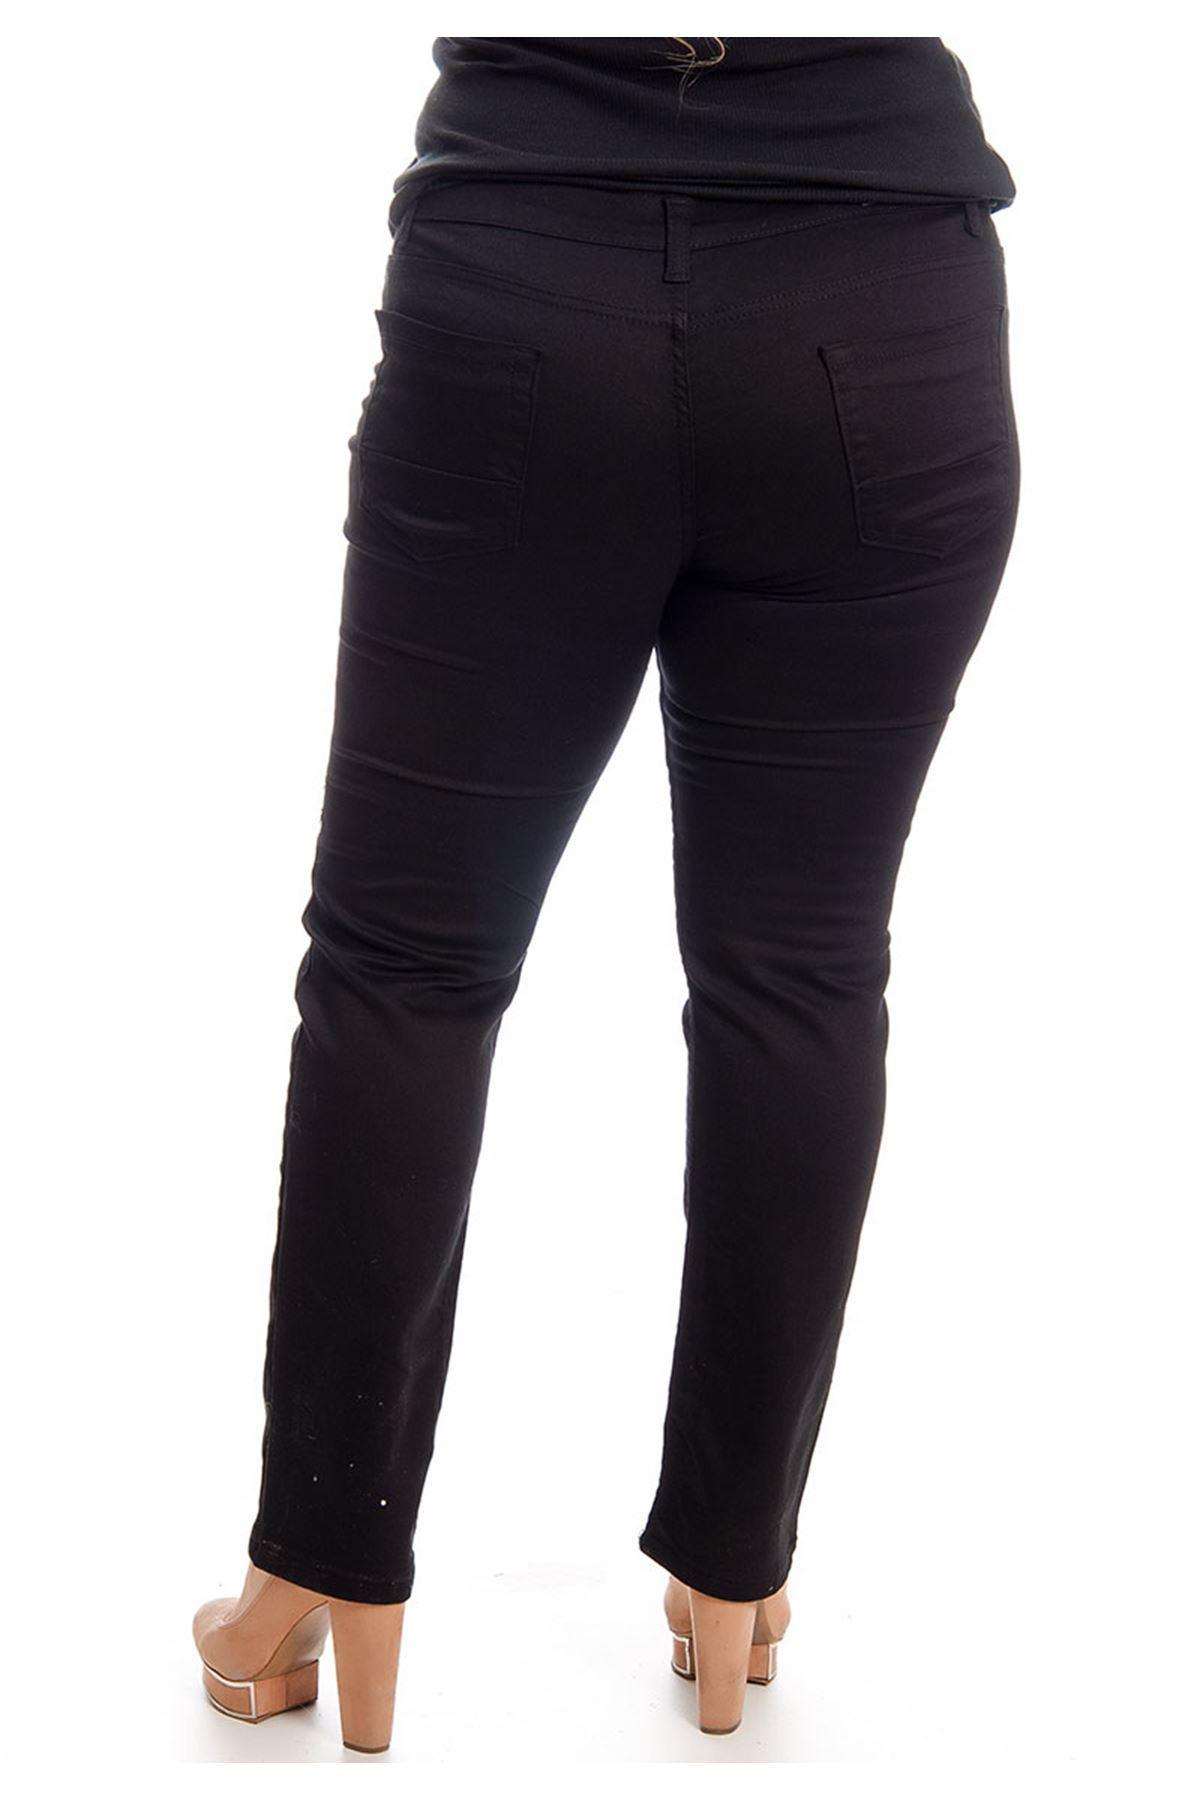 Siyah Boru Paça Kadın Pantolon 4A-127048